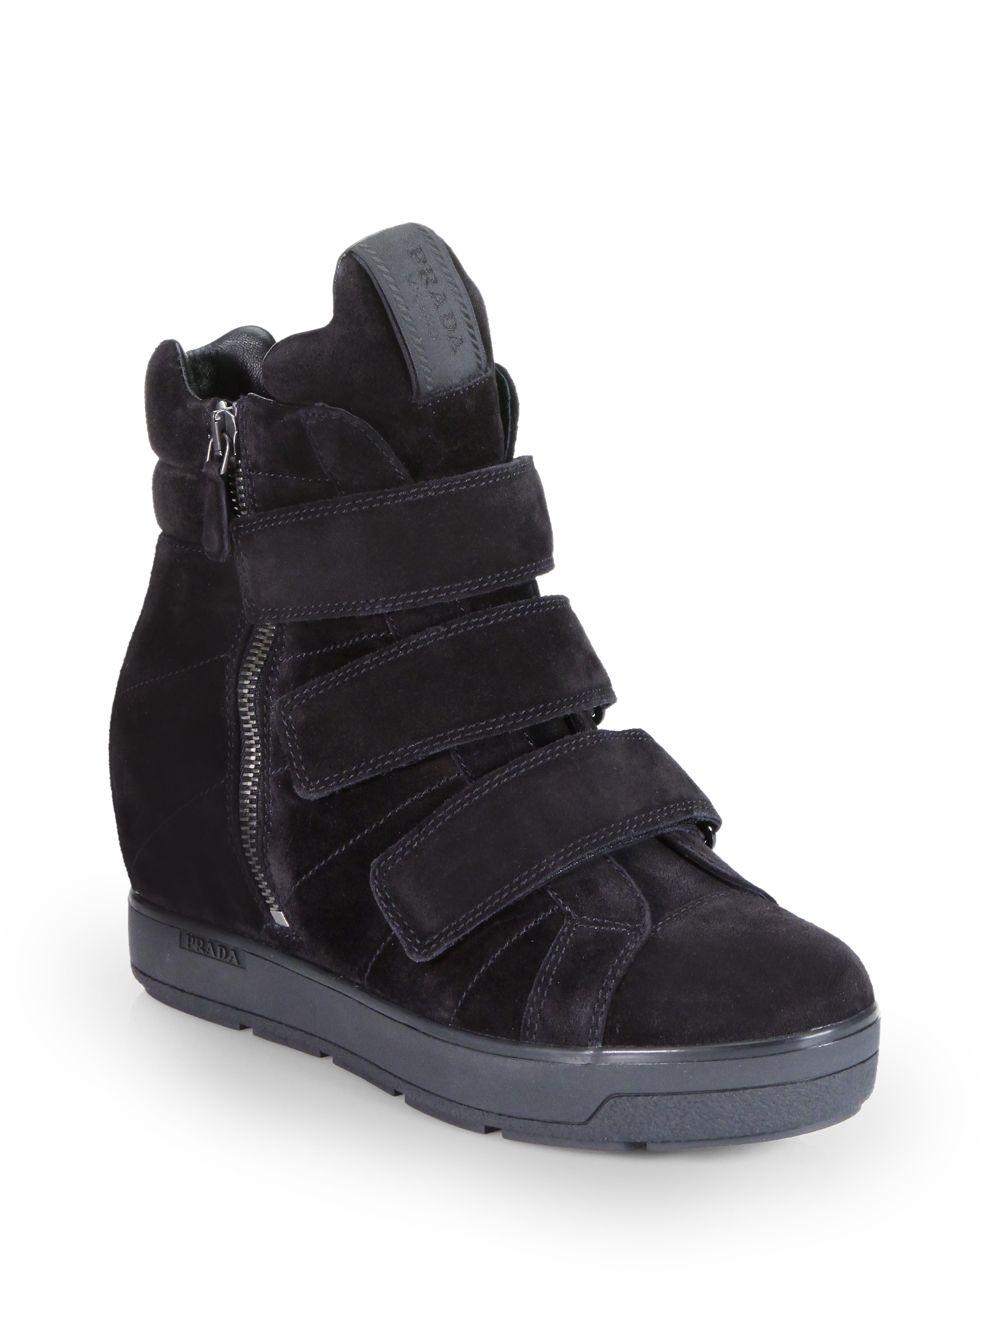 24c859af3231 Lyst - Prada Suede High-top Wedge Sneakers in Black